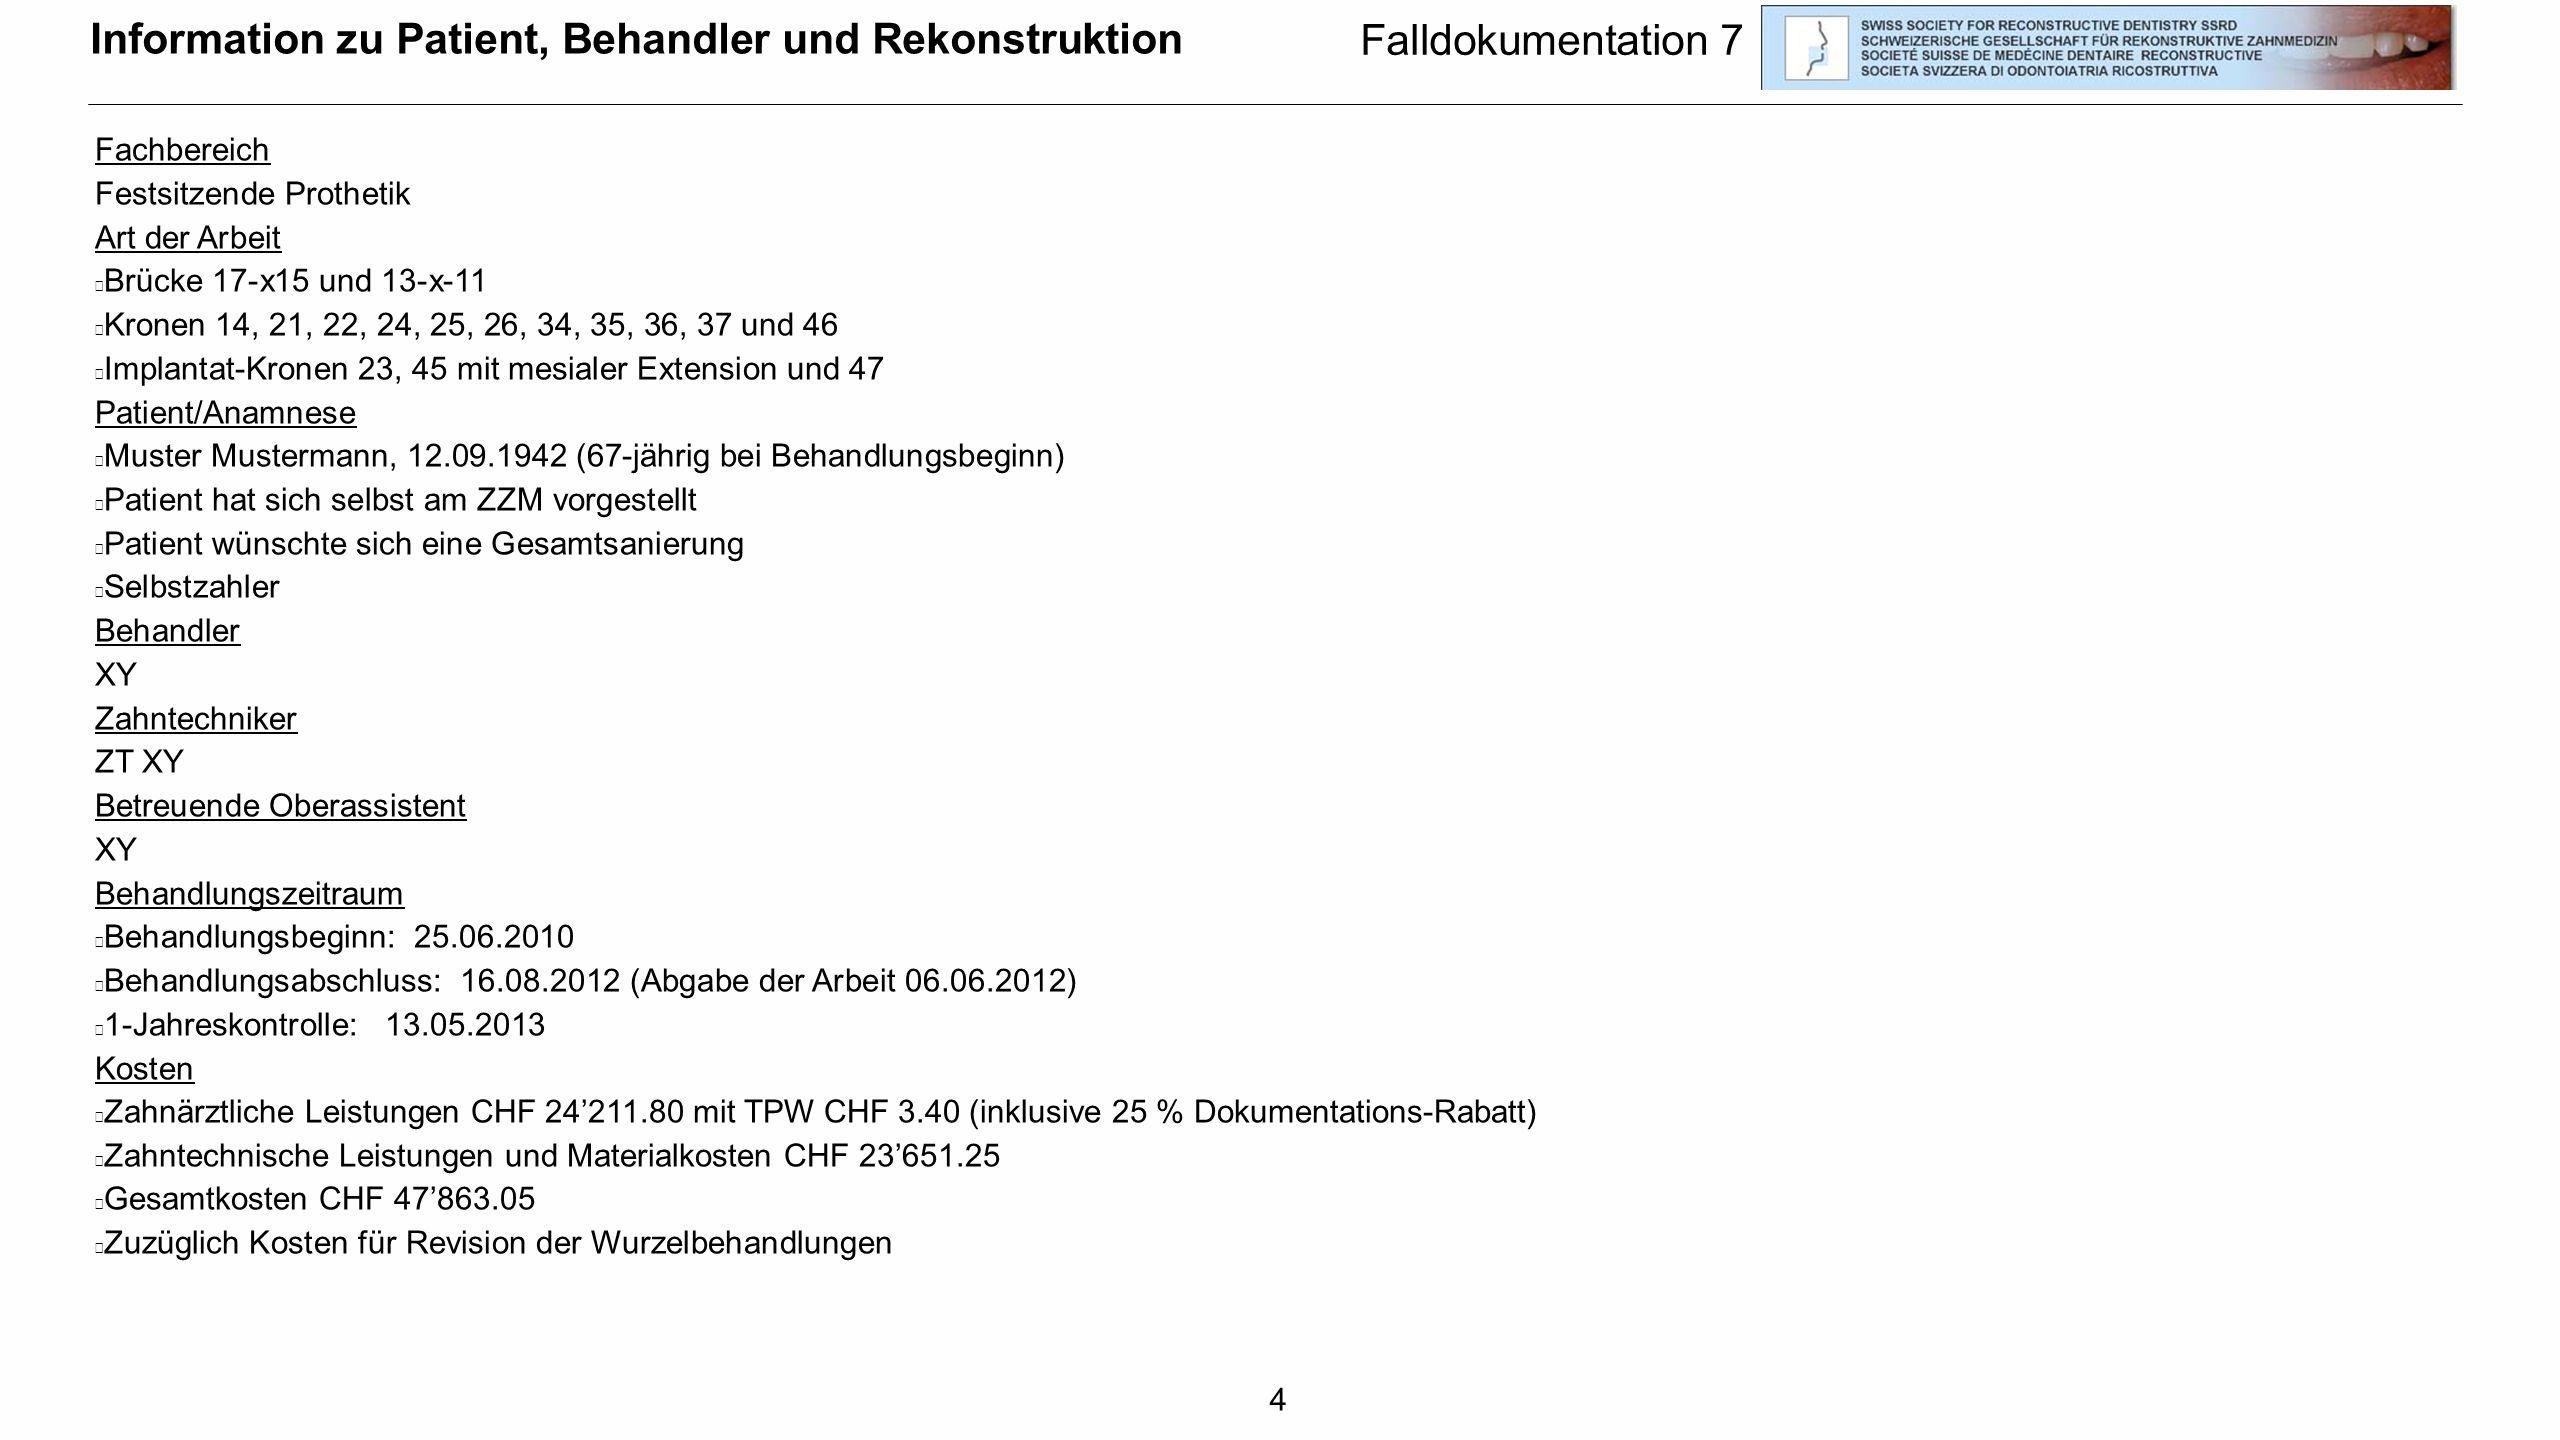 Information zu Patient, Behandler und Rekonstruktion